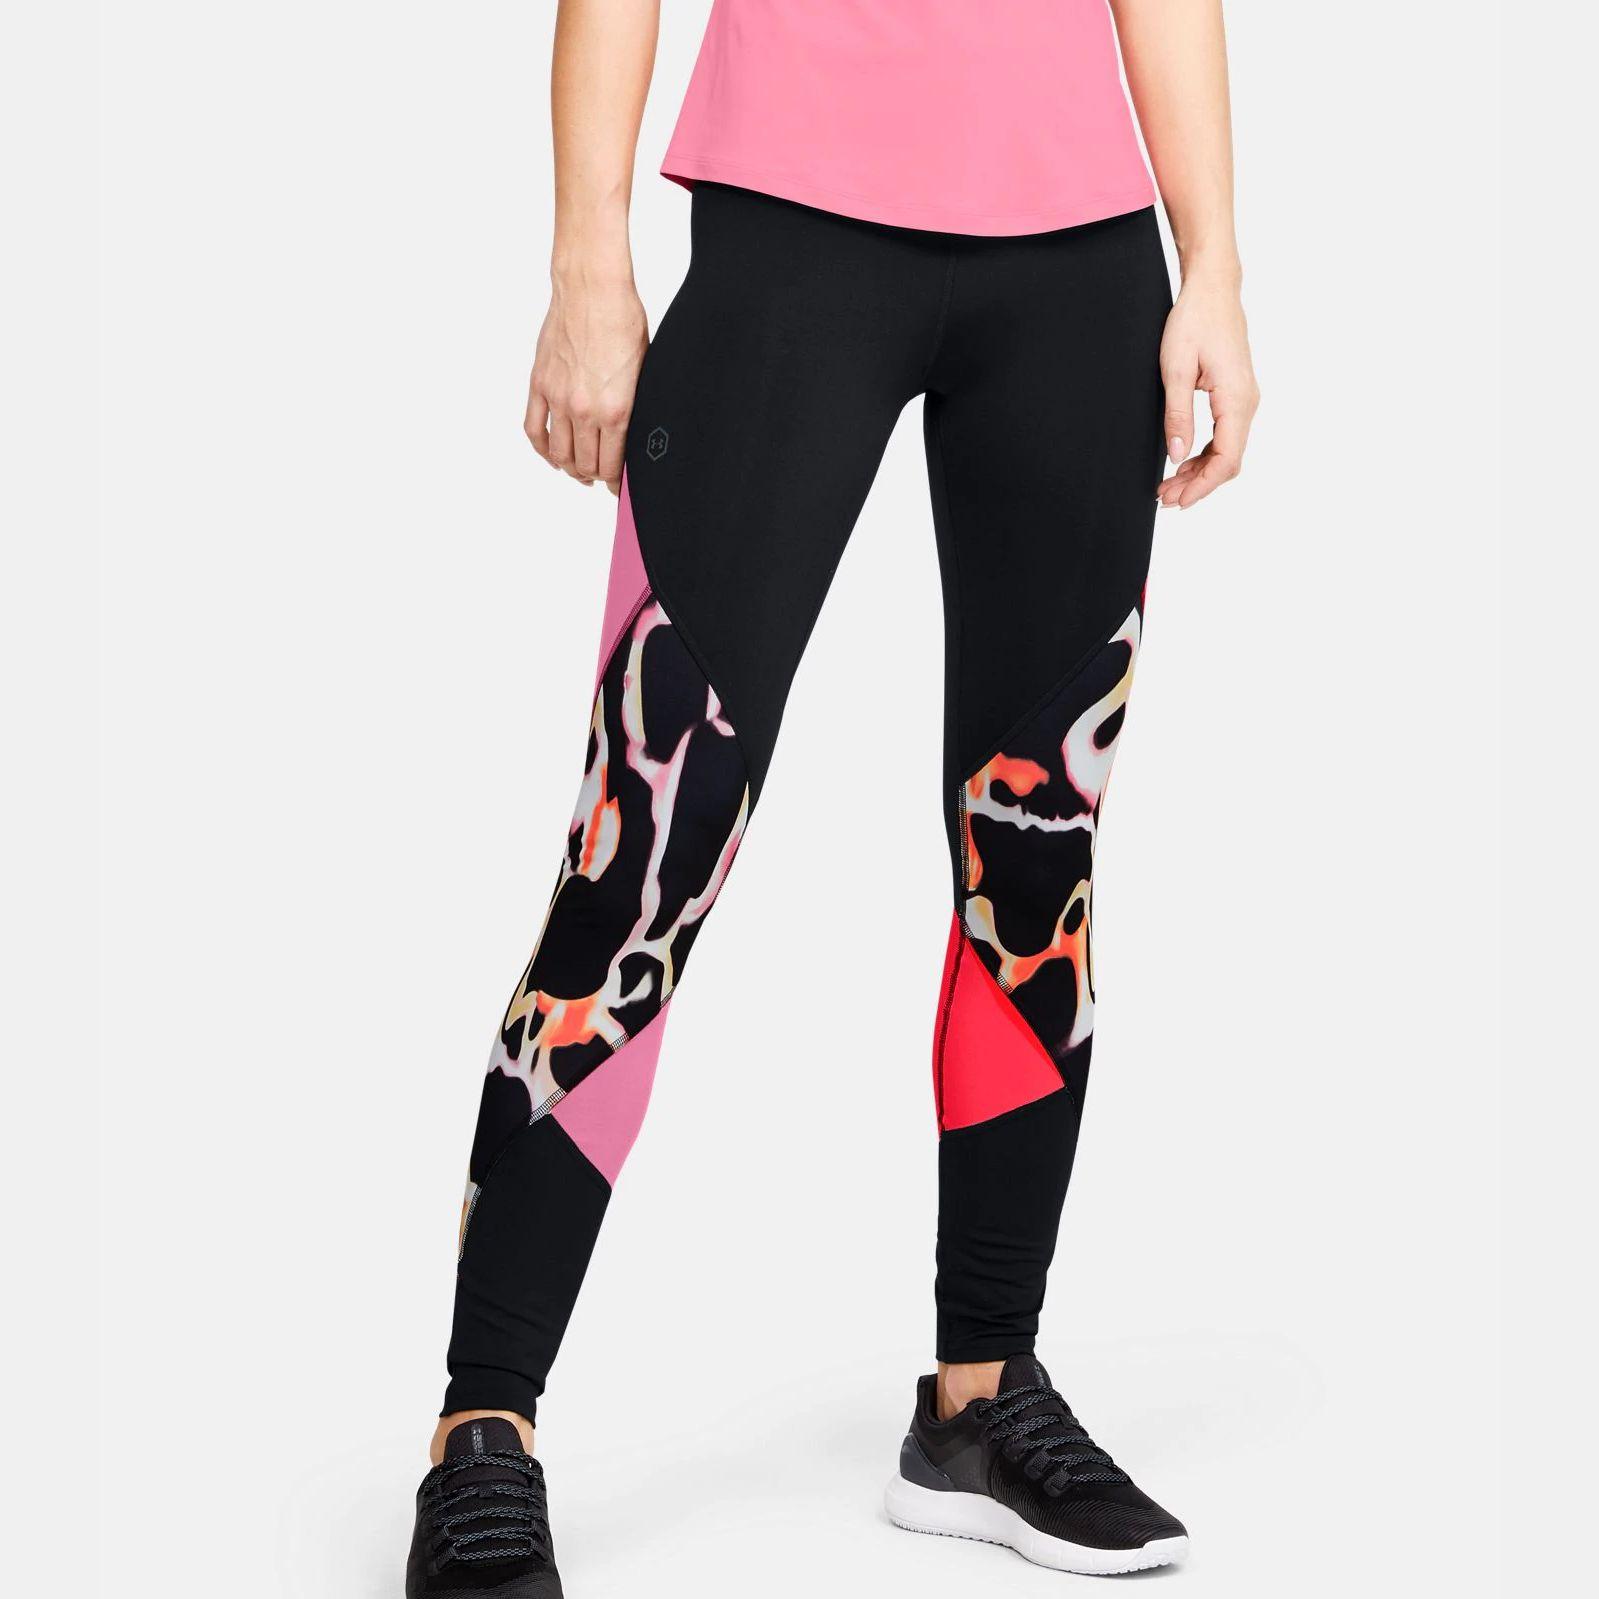 Îmbrăcăminte -  under armour UA Rush Print Color Block Leggings 1730